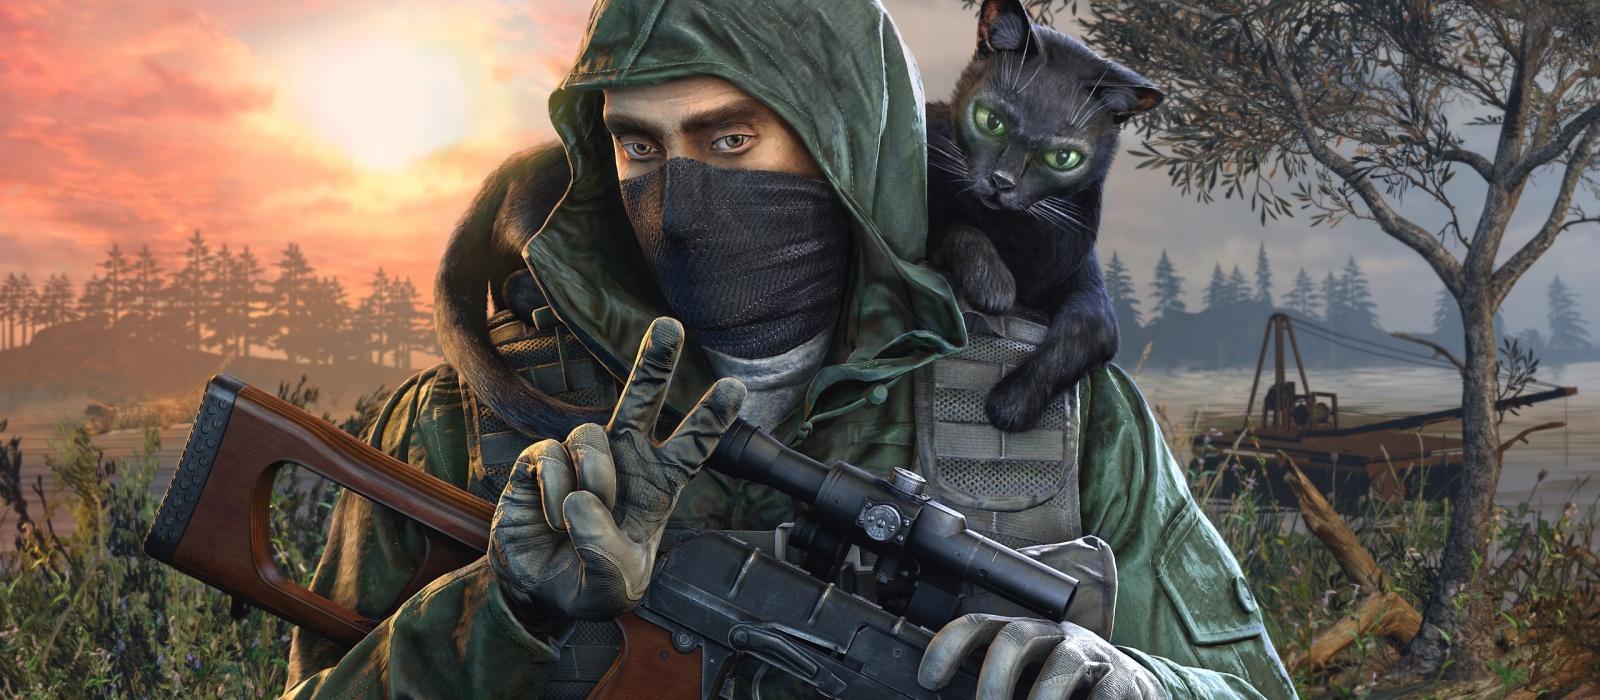 S.T.A.L.K.E.R. 2 выйдет на PS5! Стало известно, когда состоится релиз «Сталкер 2» на PlayStation 5